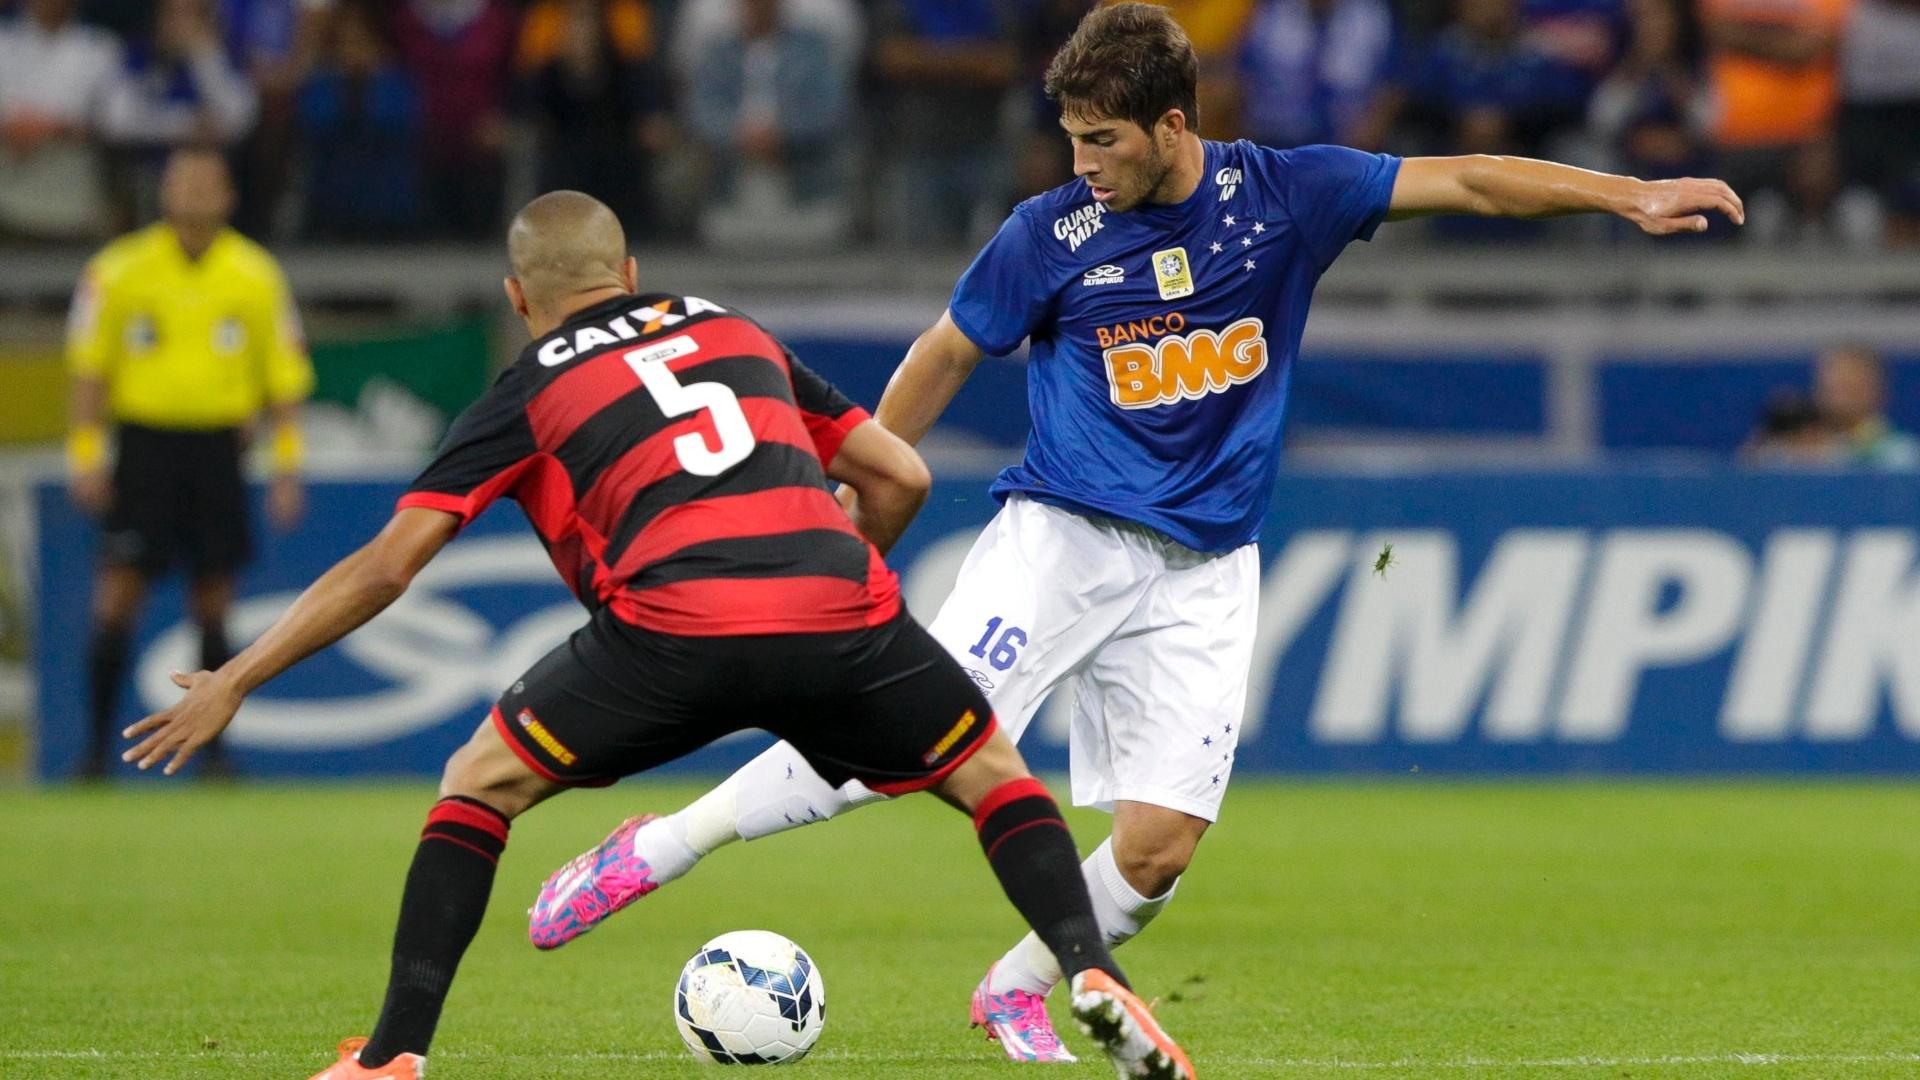 Lucas Silva encara a marcação do Vitória na partida do Cruzeiro pelo Brasileirão